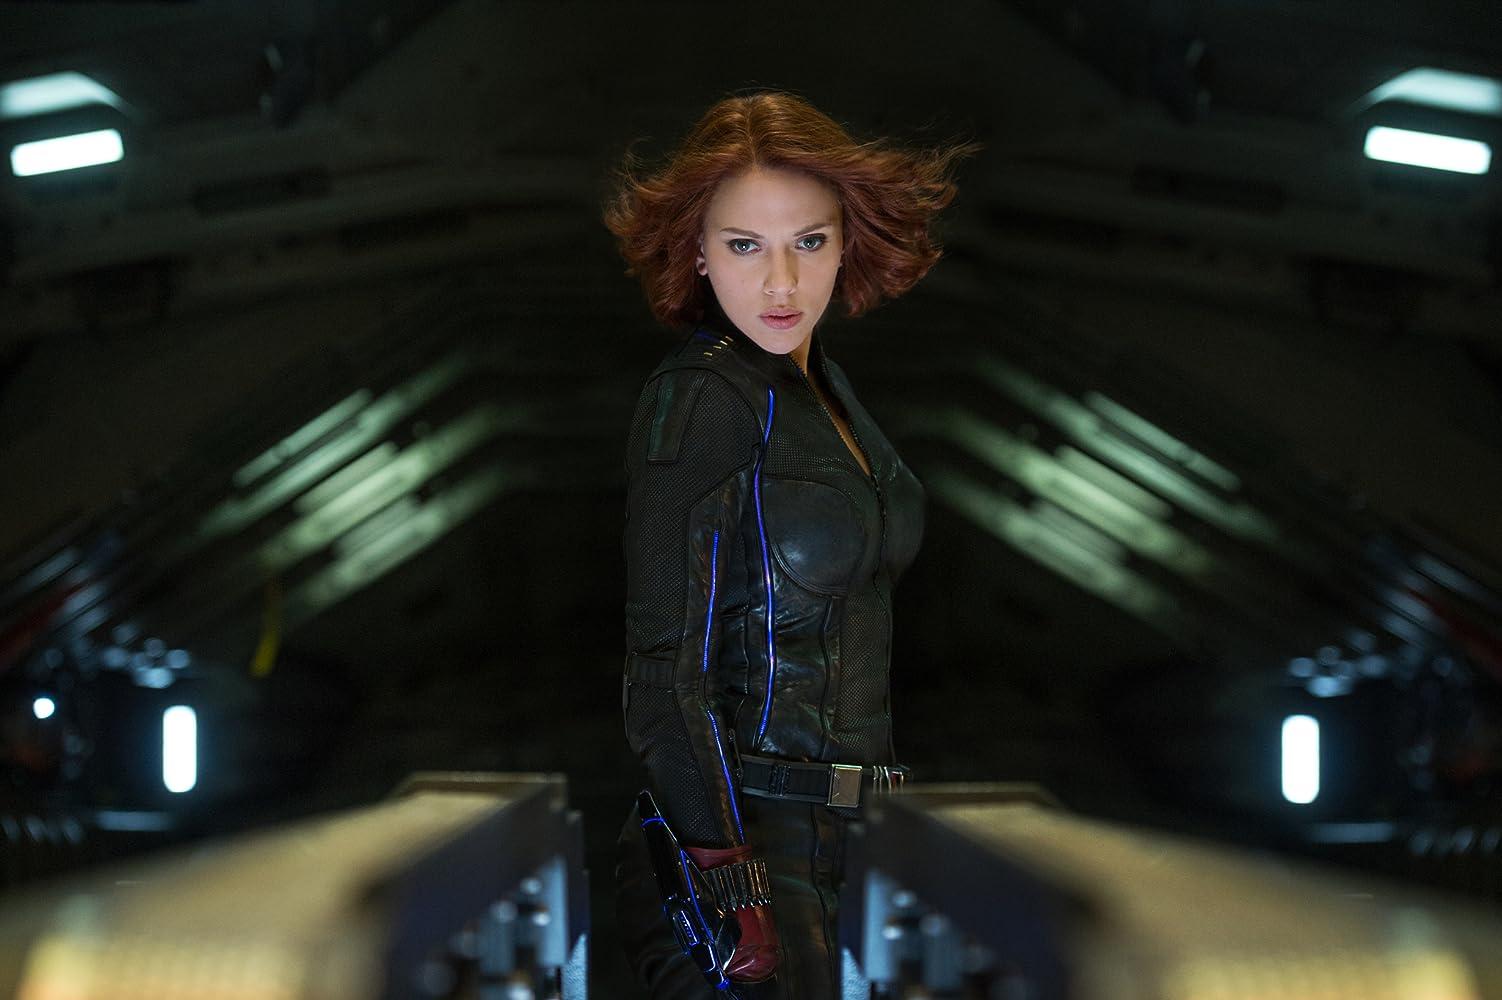 Scarlett Johansson in Avengers: Age of Ultron (2015)